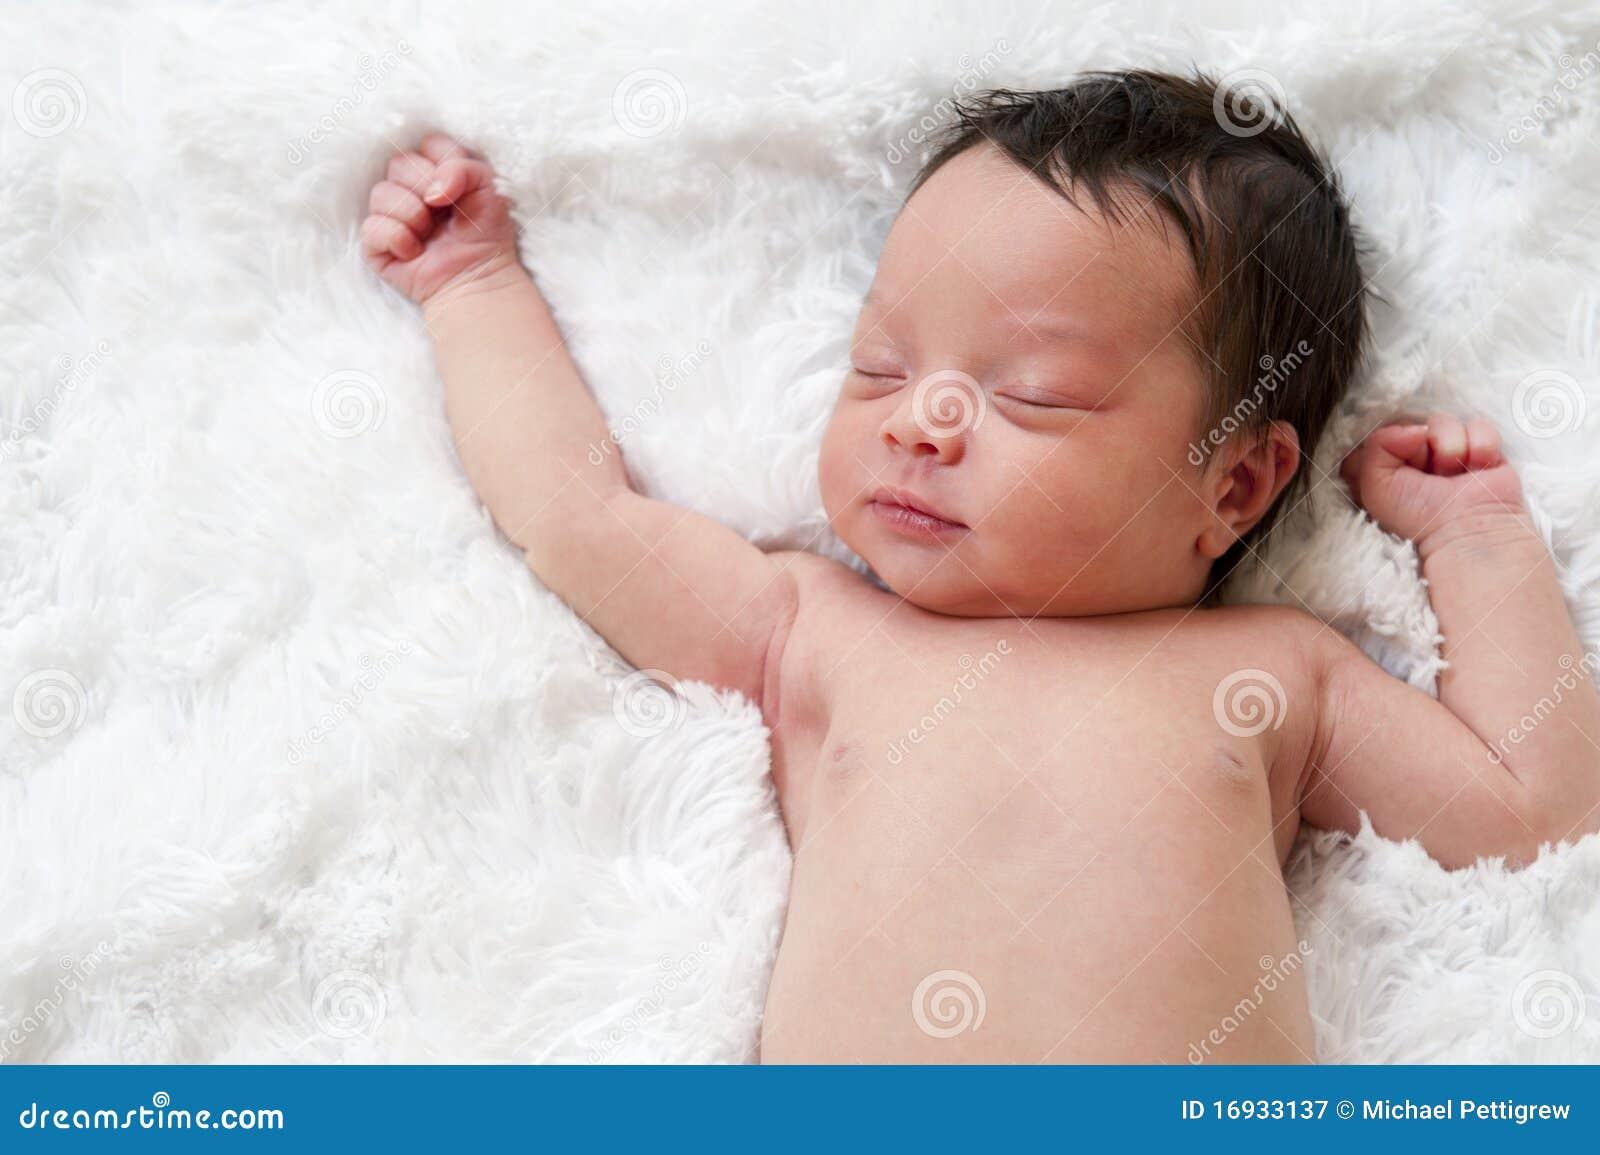 Nowonarodzony uśpiony dziecko